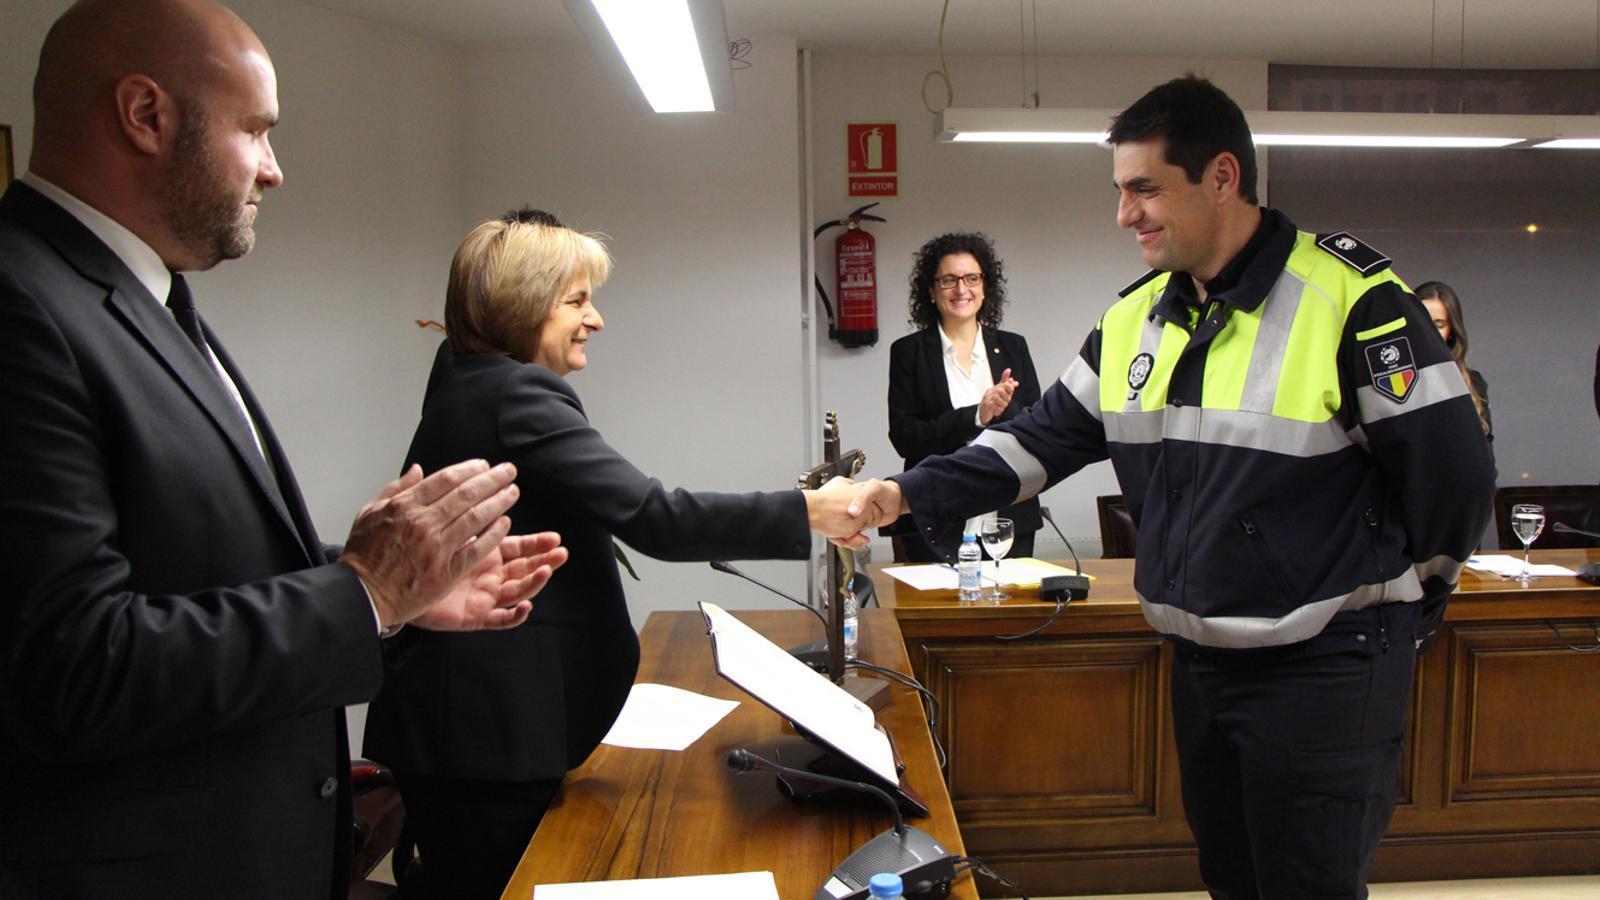 Ramiro Palacín ha pres possessió del seu càrrec d'agent de circulació d'Escaldes-Engordany aquest dilluns. / M. T. (ANA)